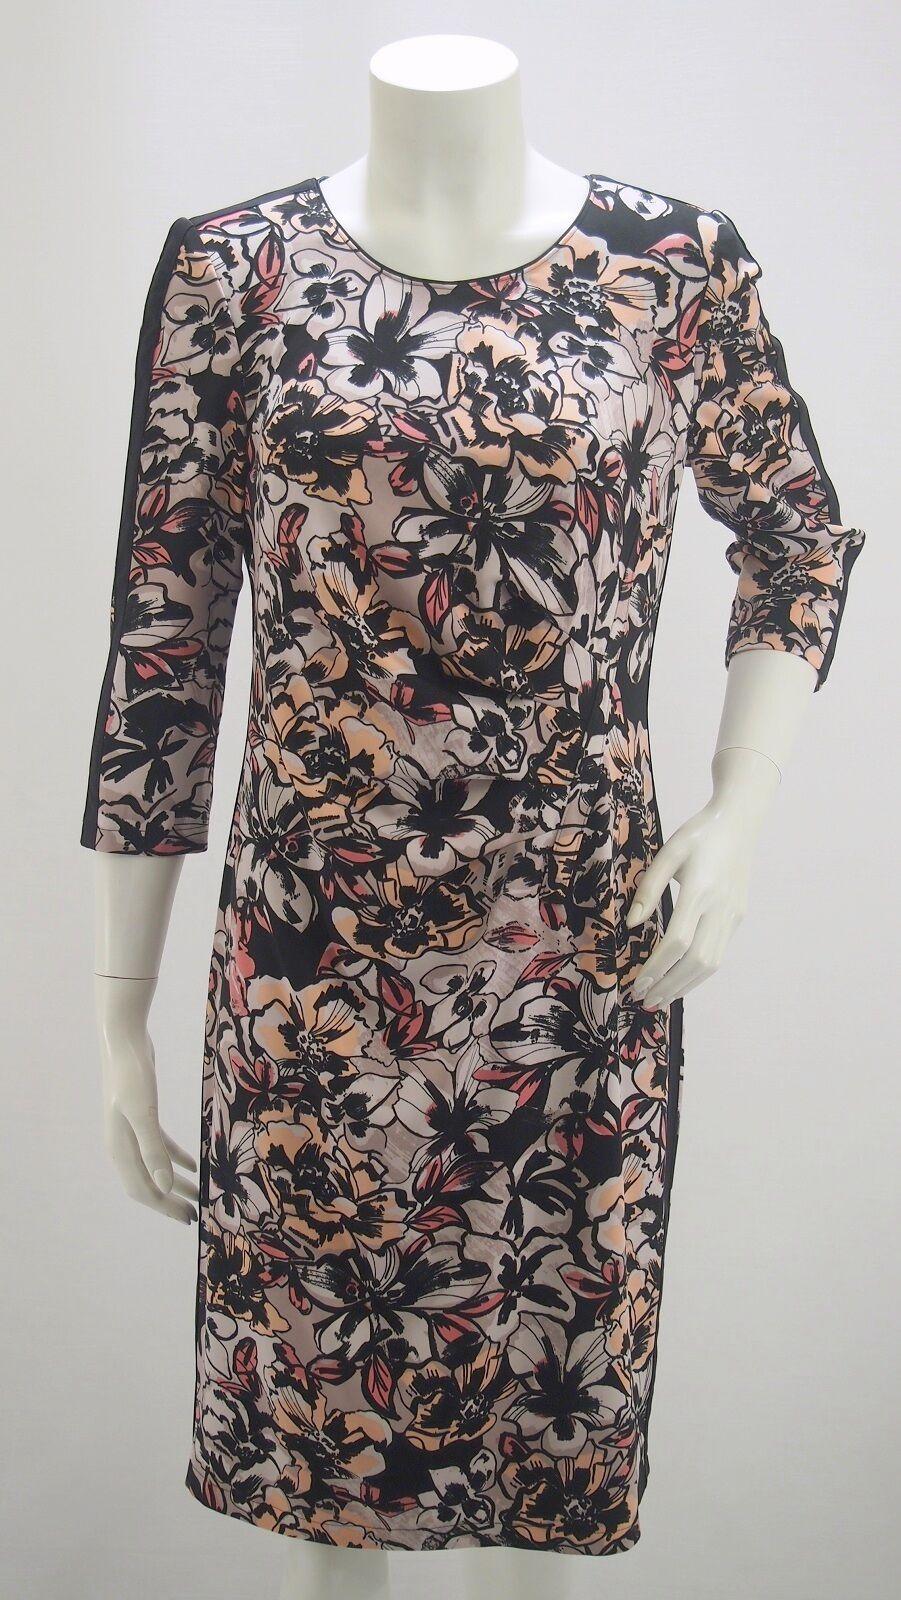 Gerry Weber Figurschmeichelndes Kleid Atlanta Artikel-Nr. 380015 38130